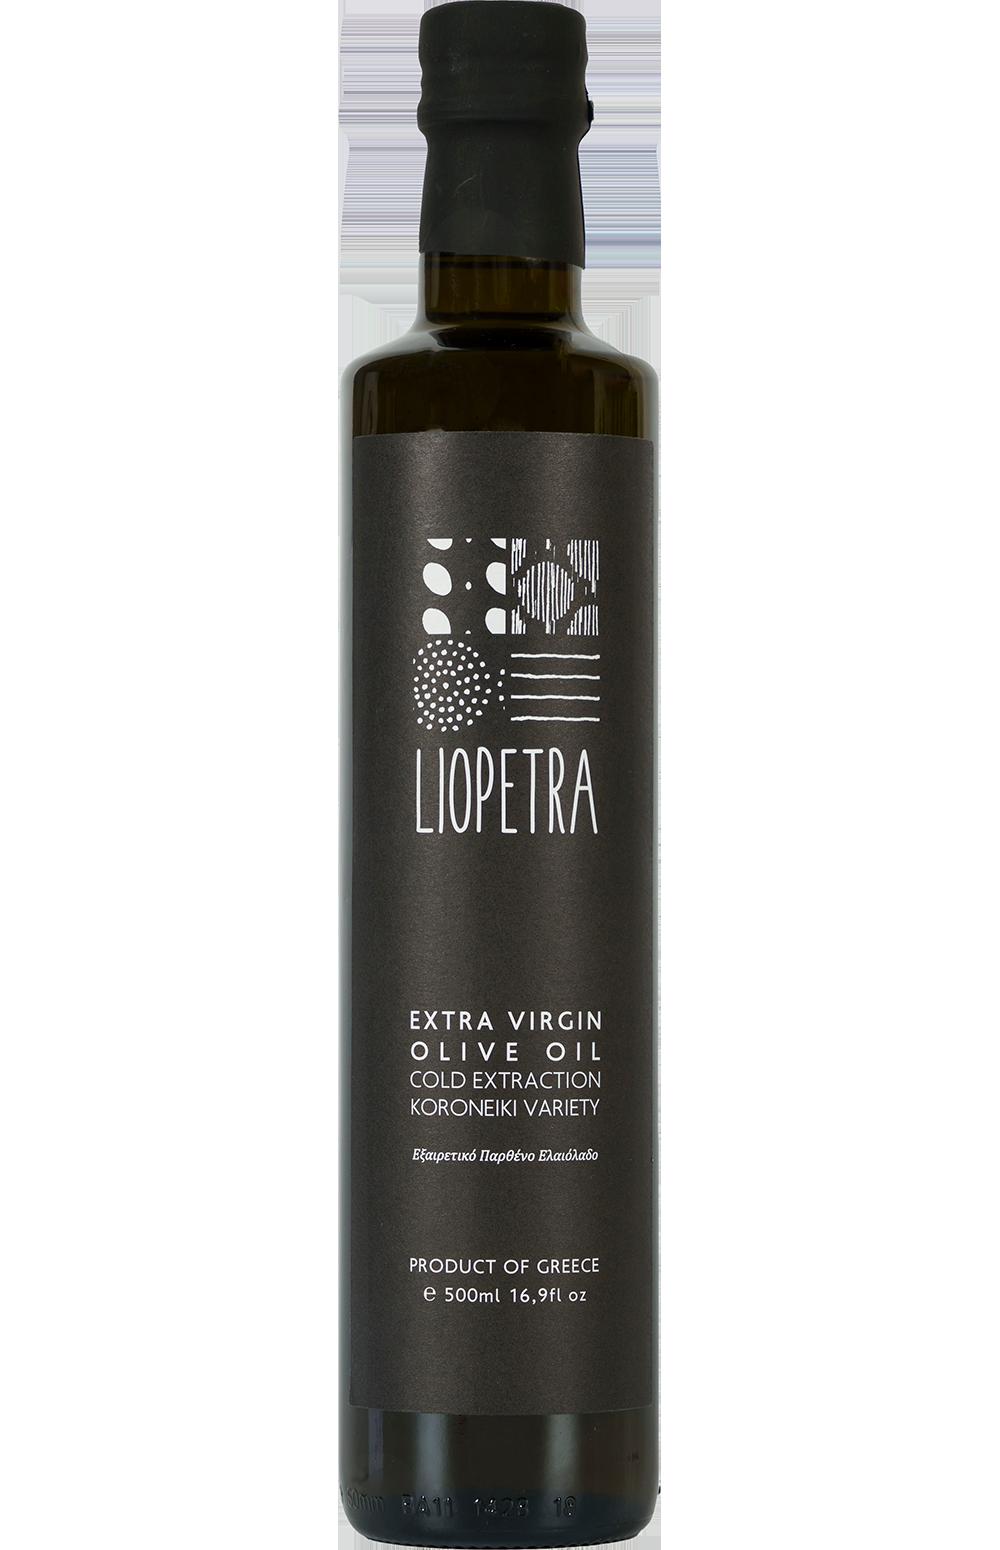 Liopetra